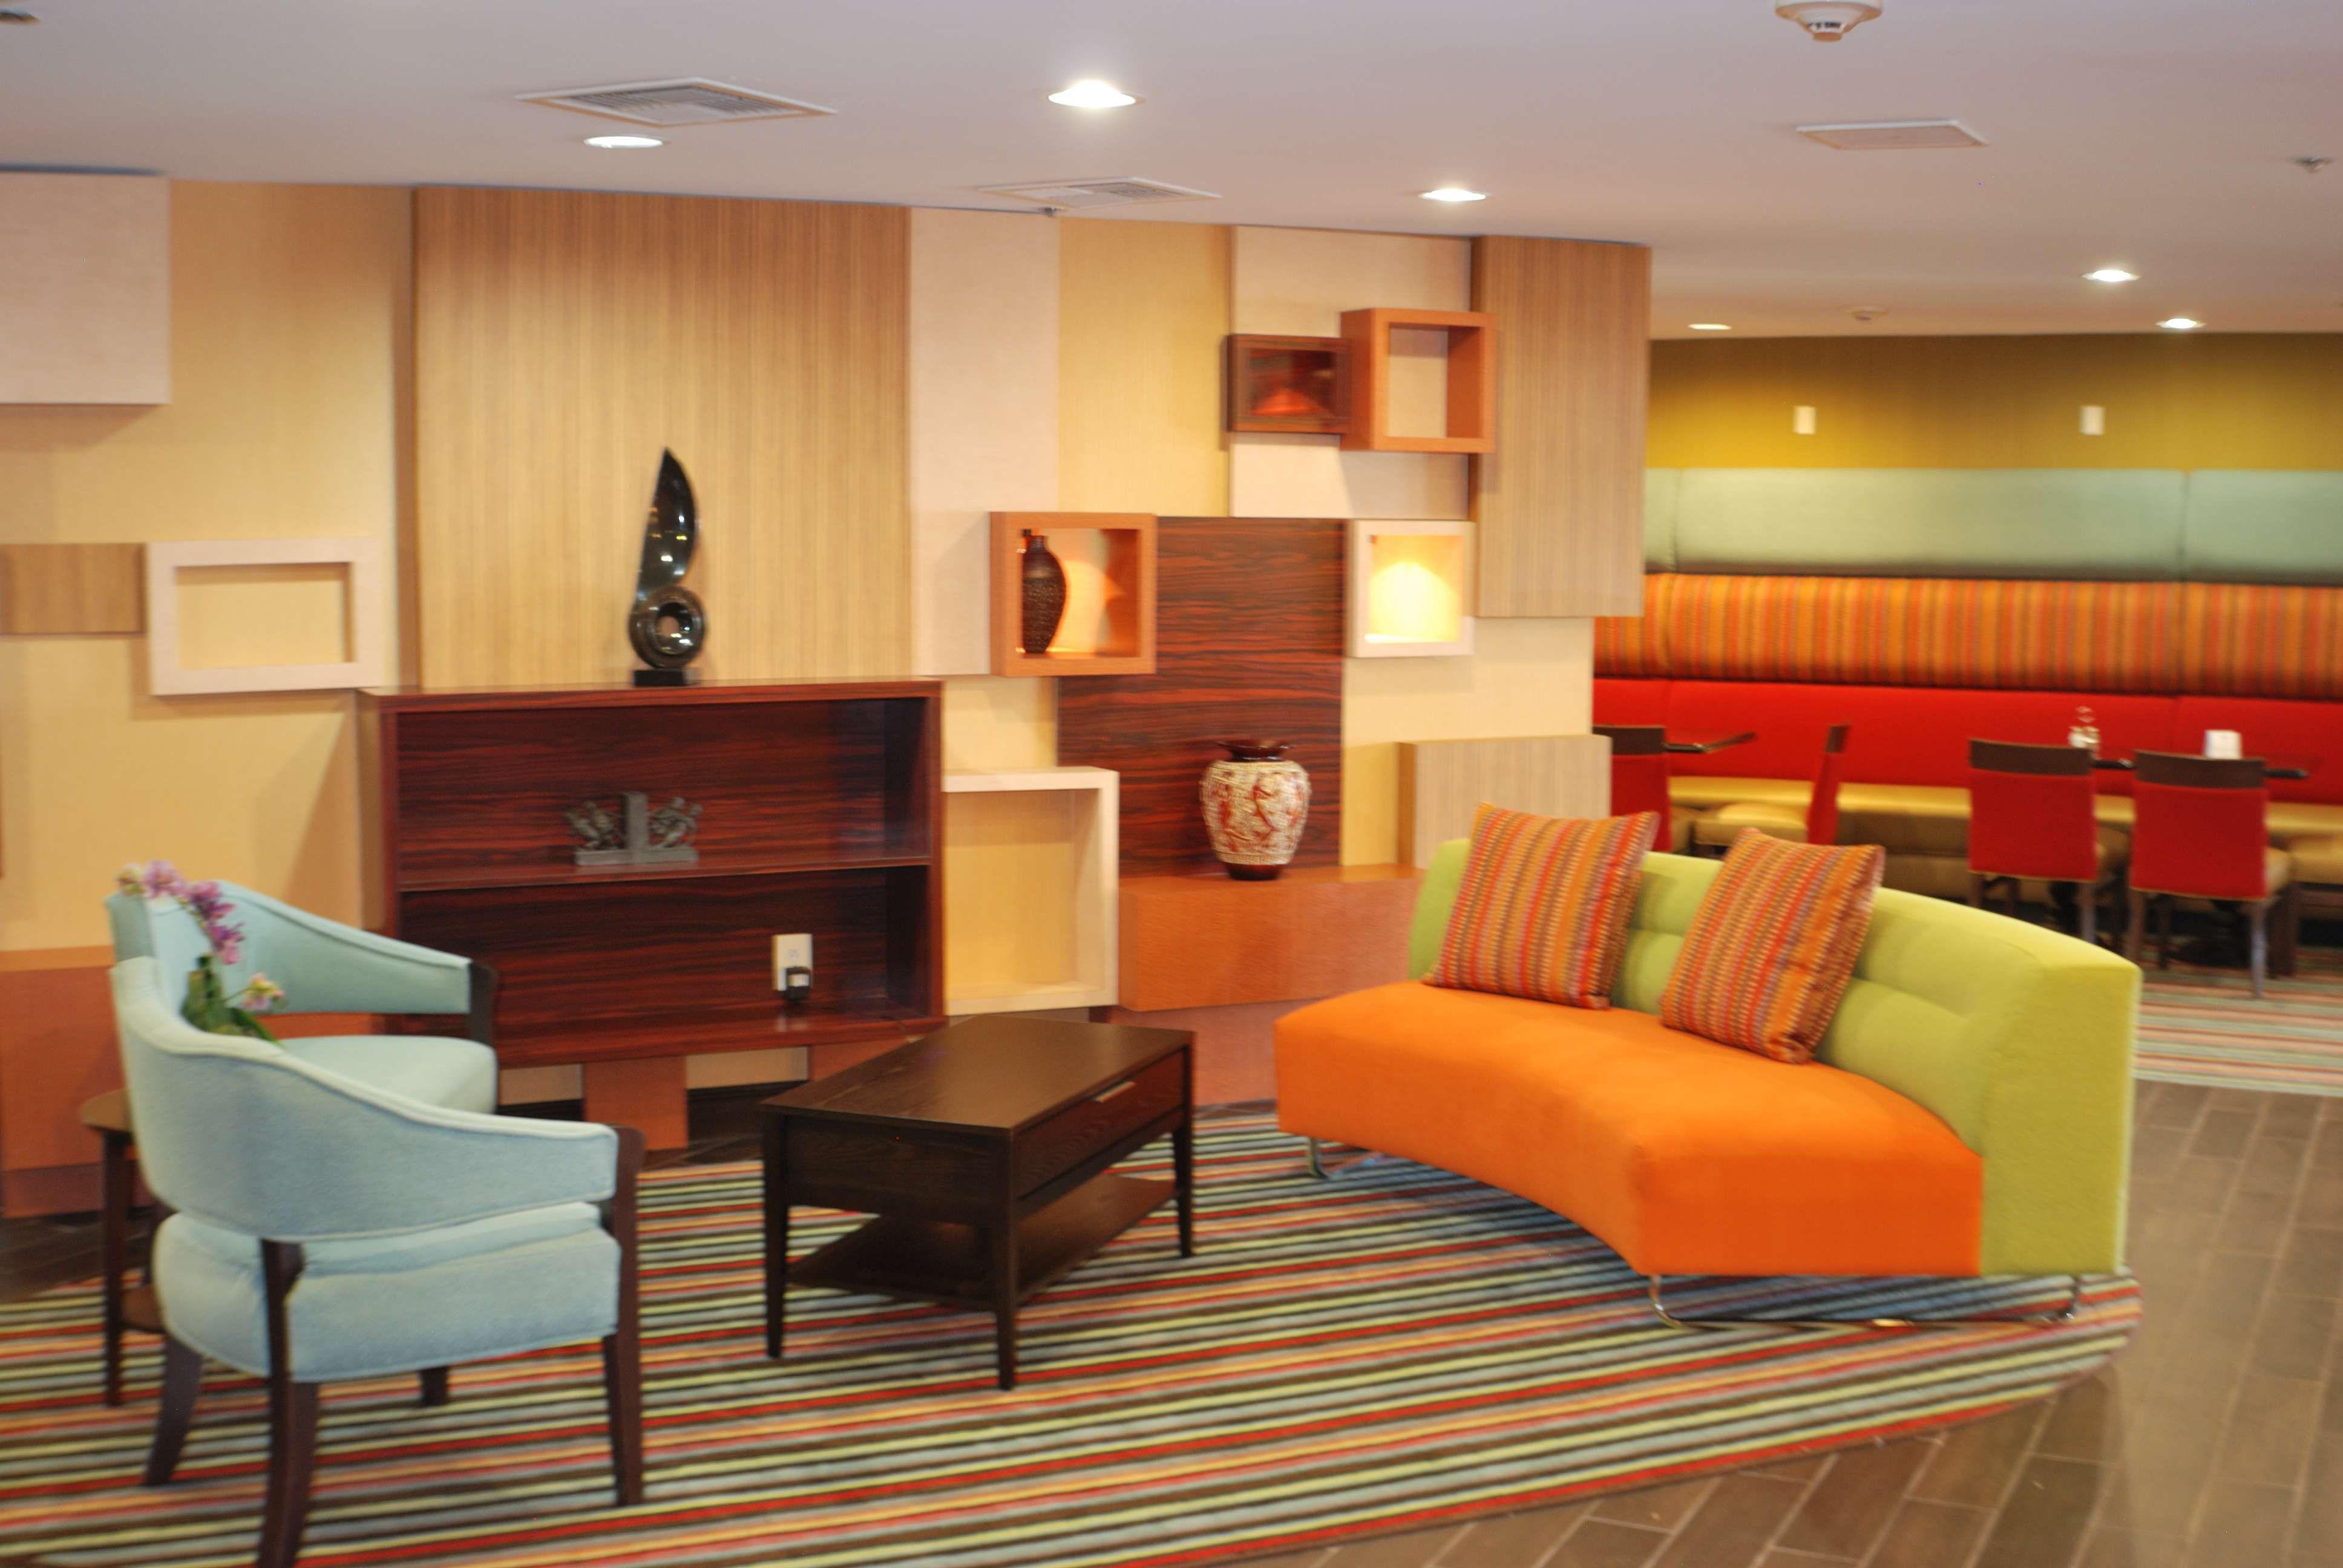 Holiday Inn Express Nashville W I40/Whitebridge Rd image 3